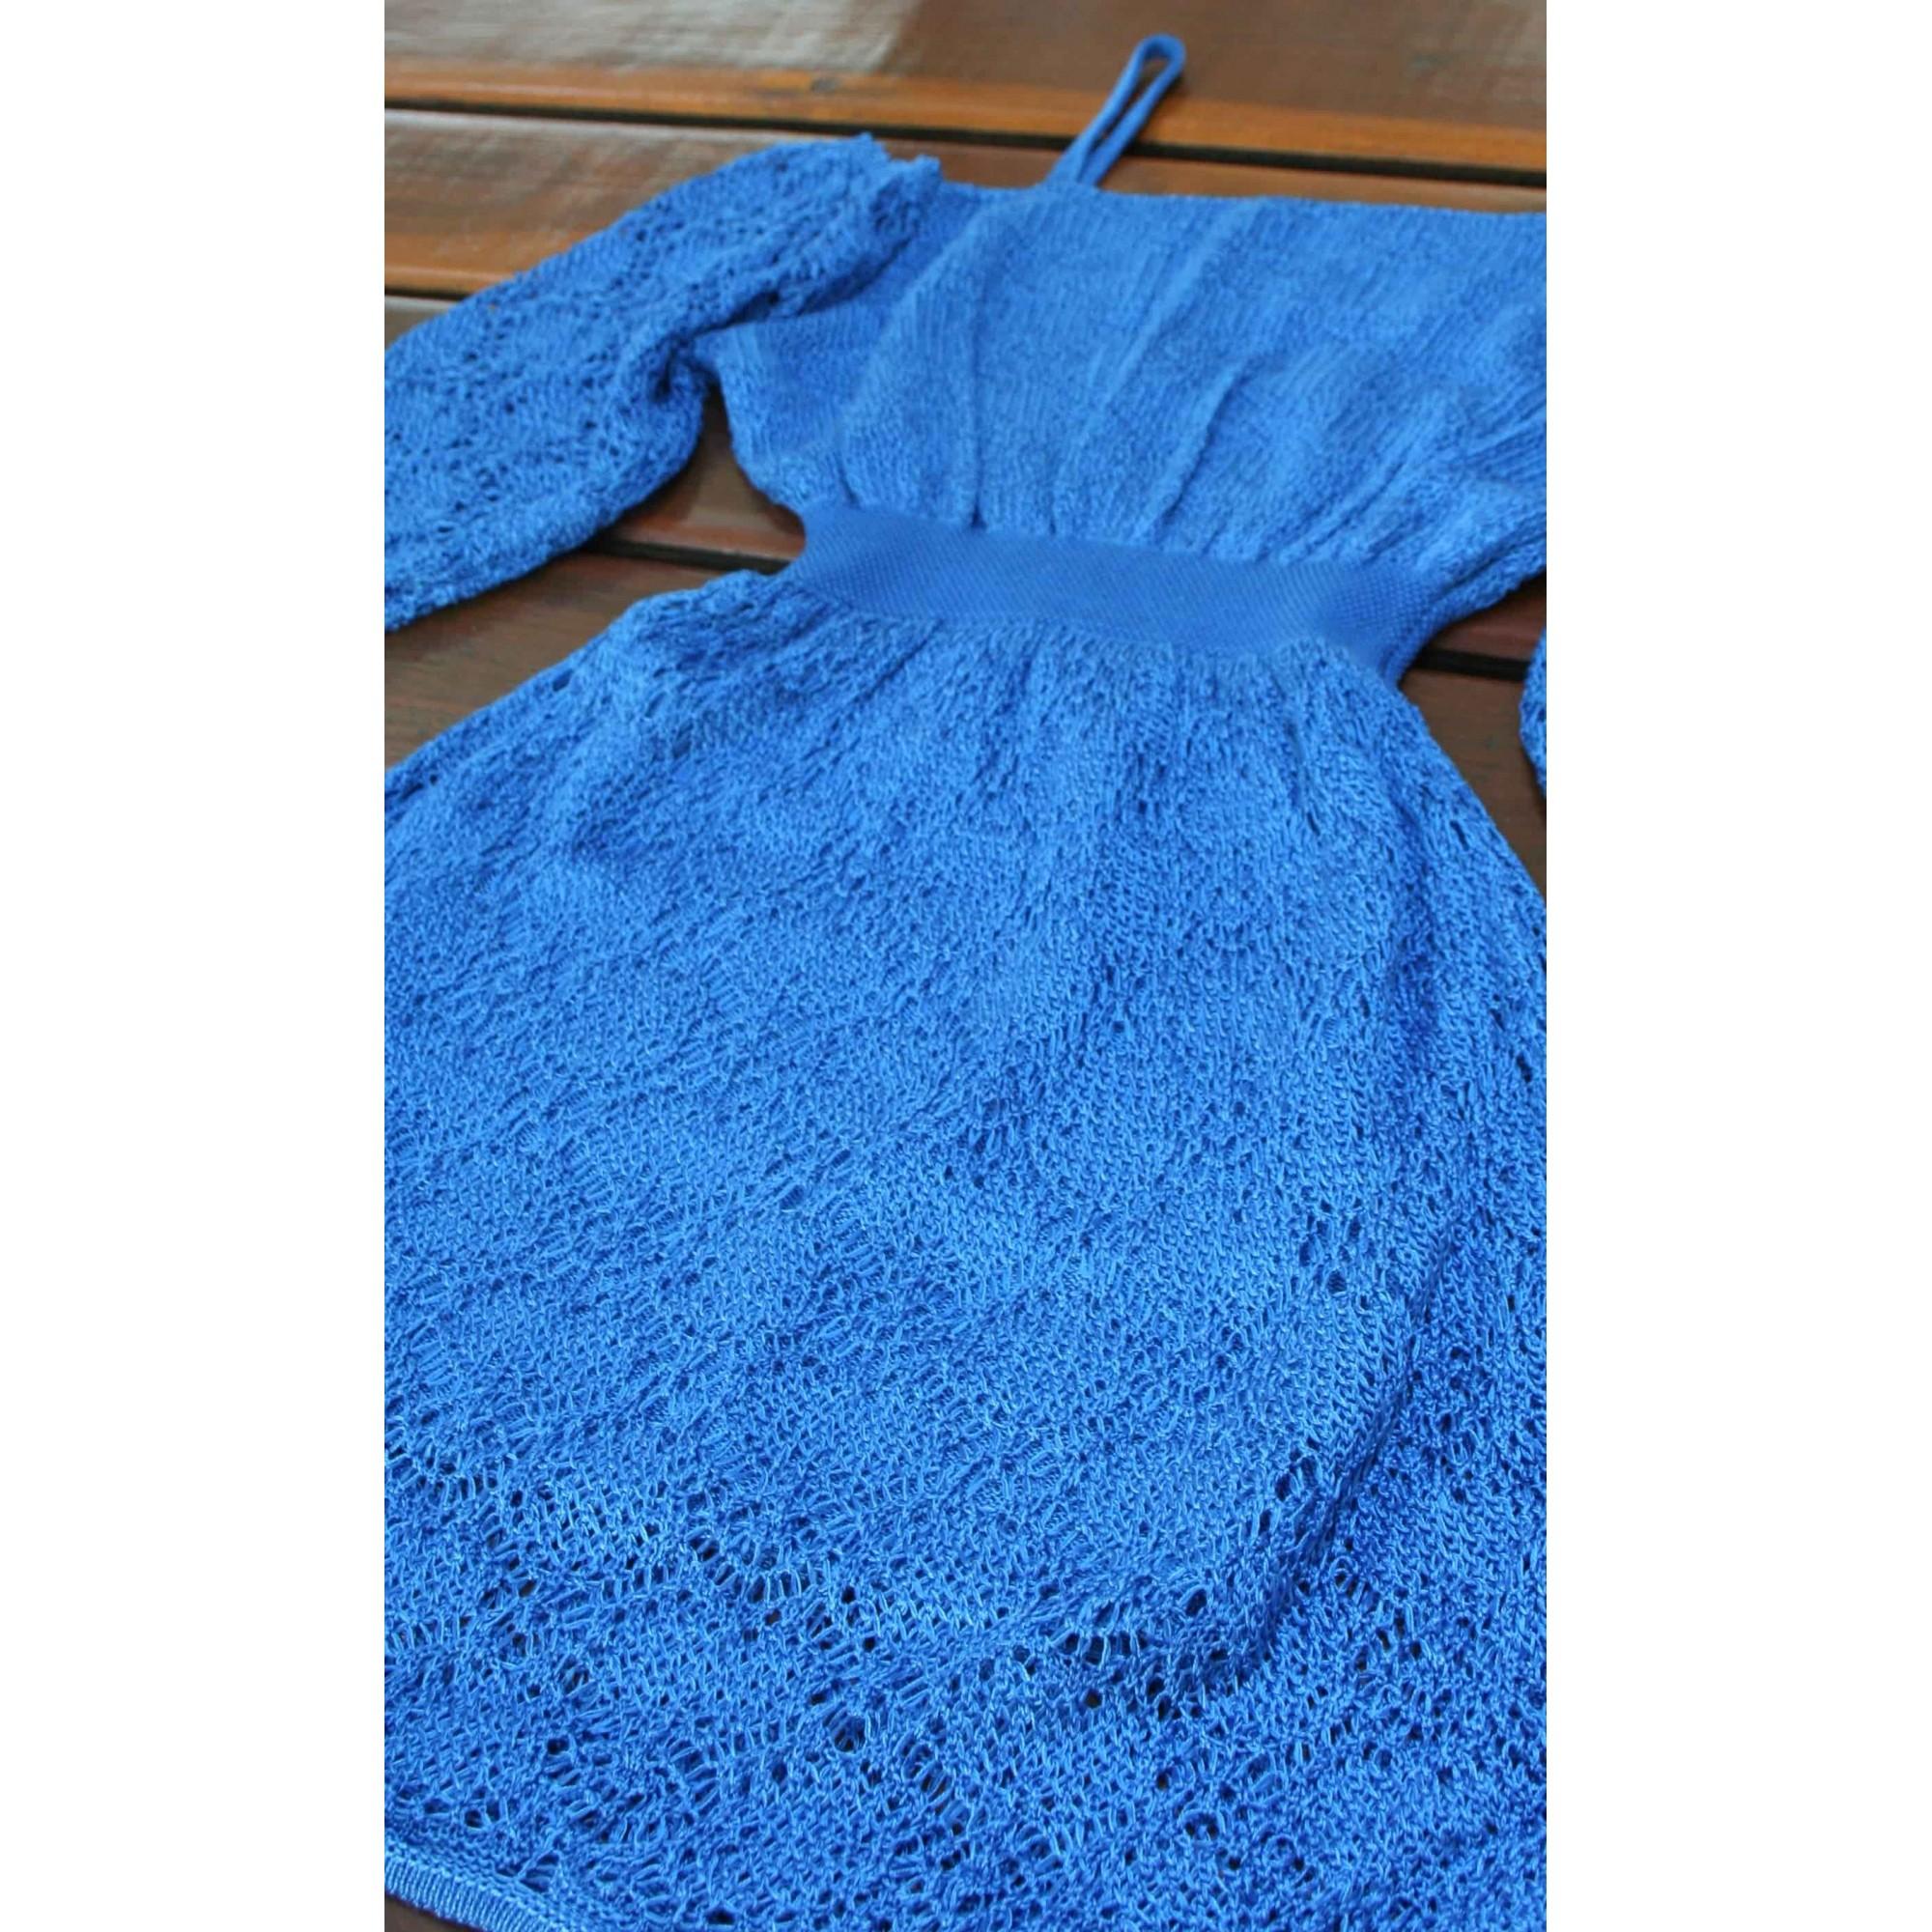 Vestido Angélica Curto Vera Tricot Rendado Ombro a Ombro Com Alças Azul